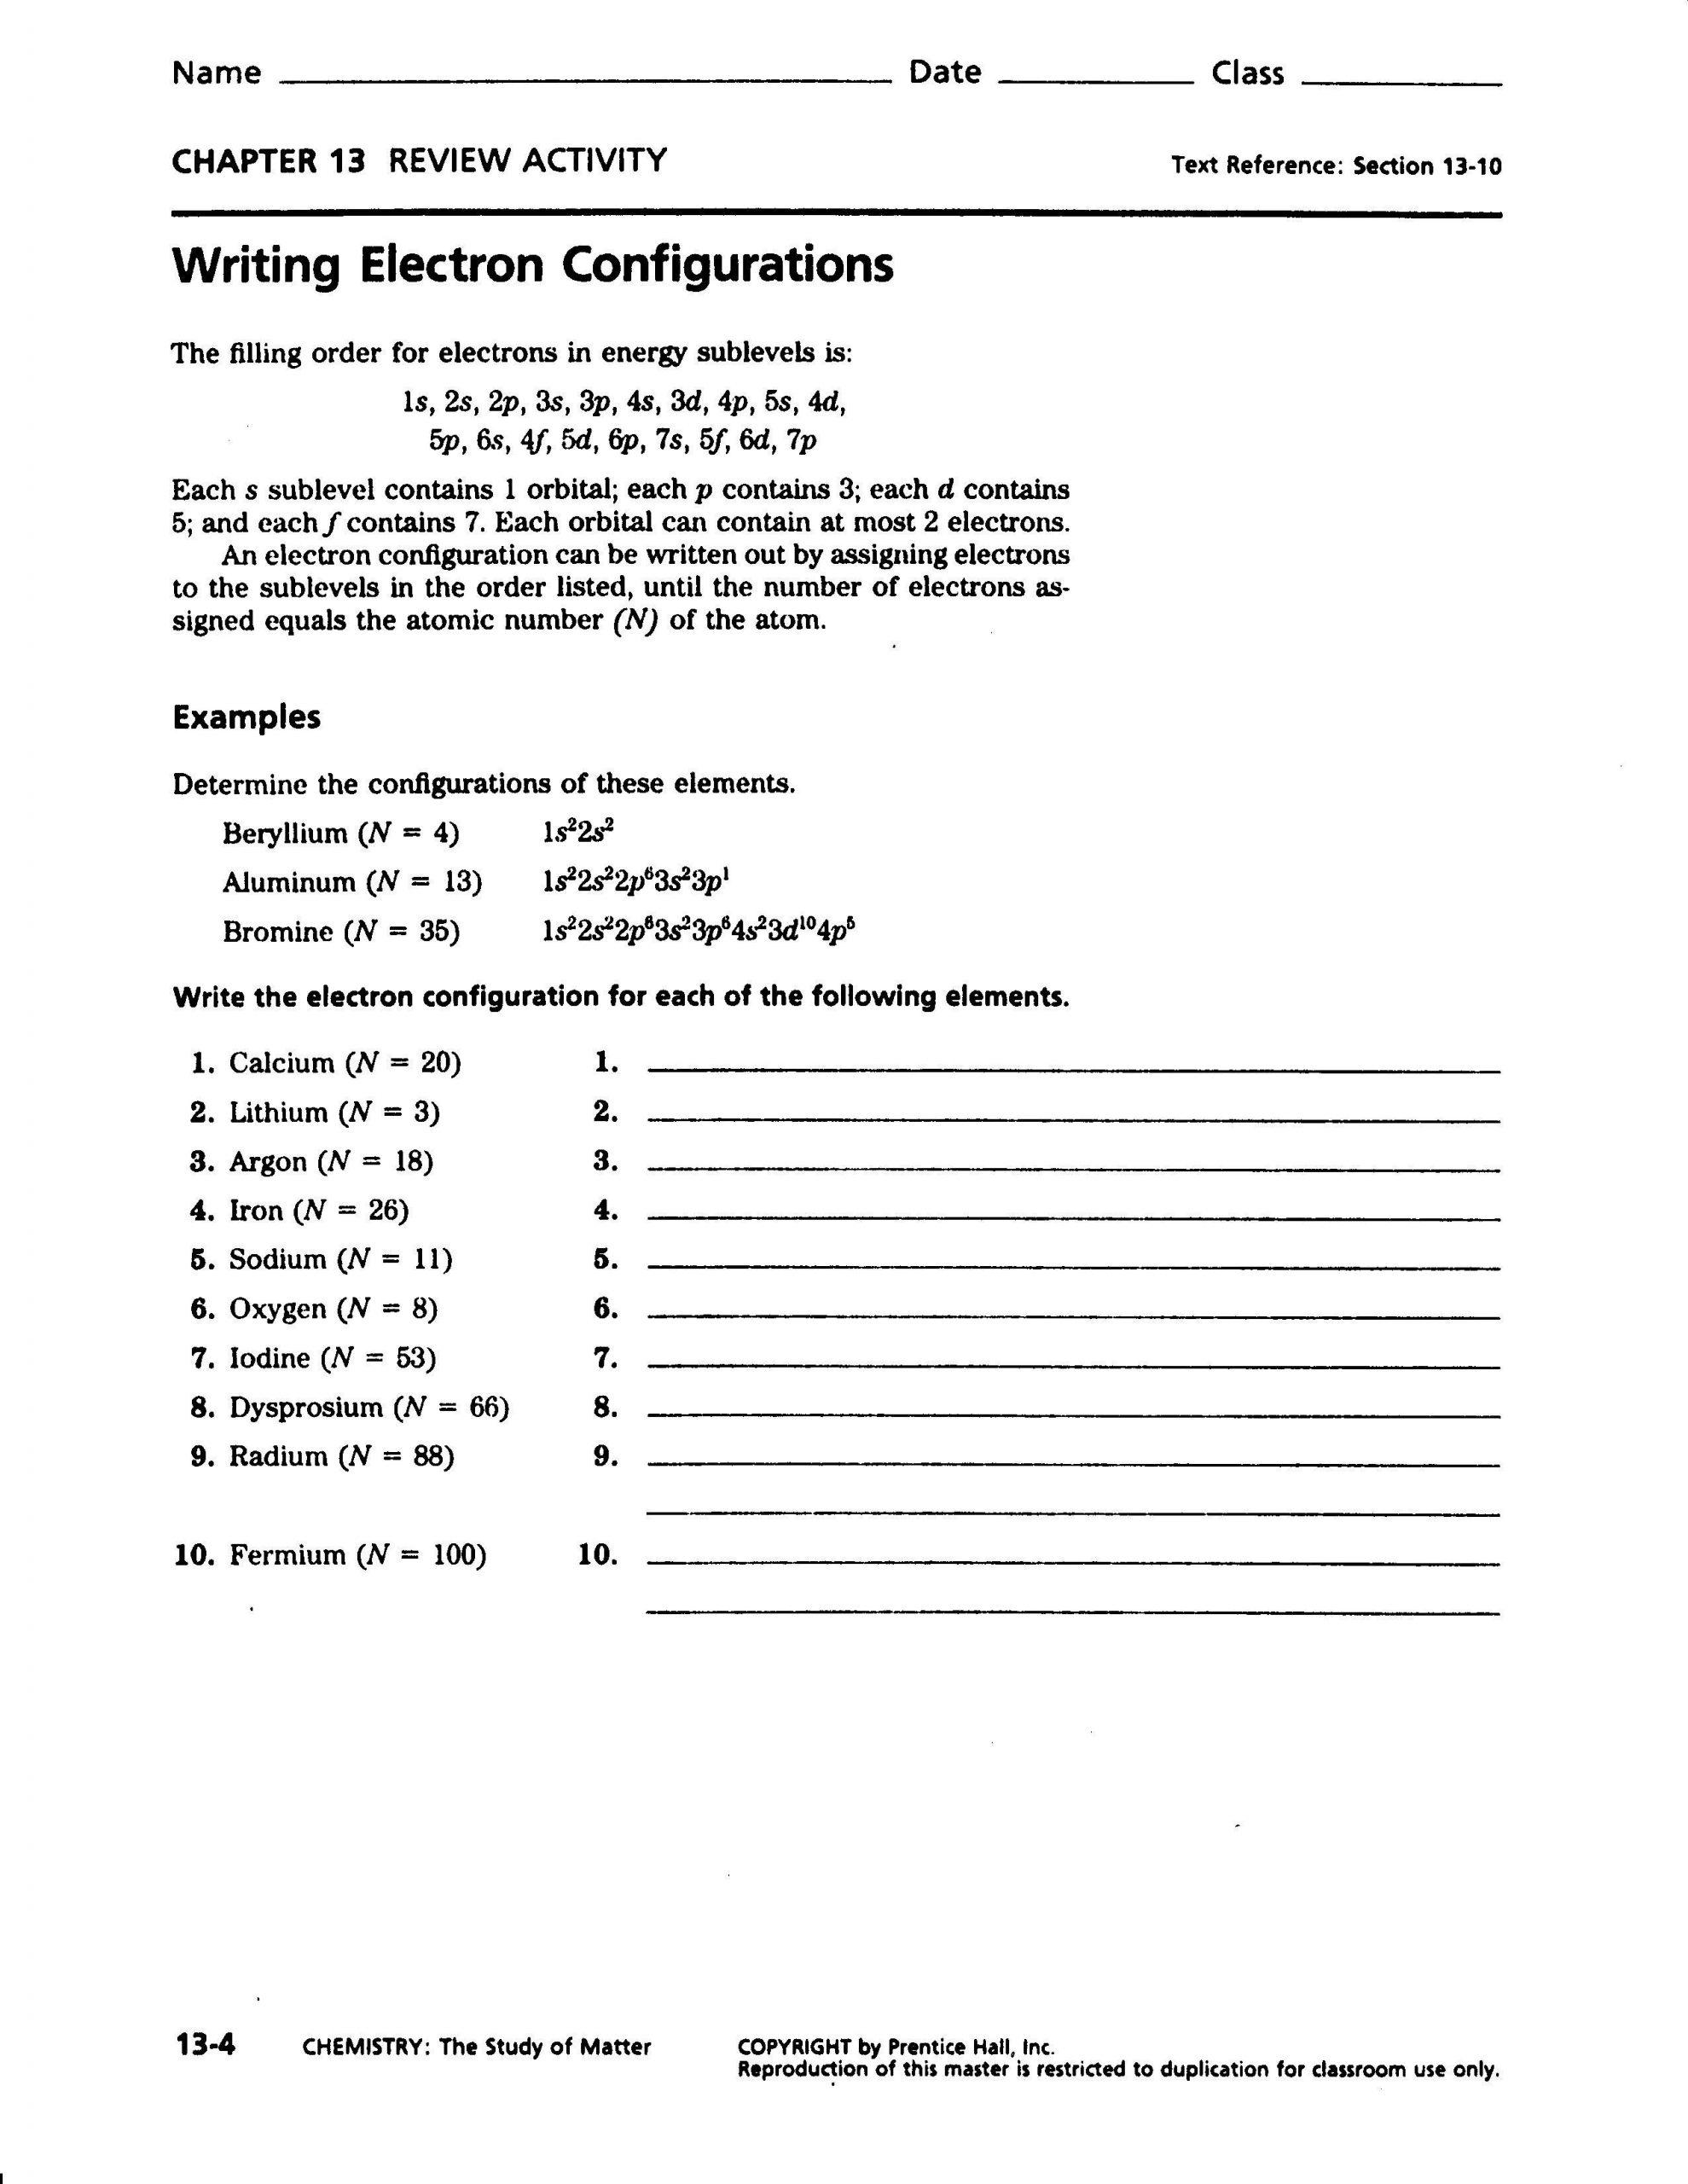 Calculating Average atomic Mass Worksheet Calculating Average atomic Mass Worksheet Answers Nidecmege